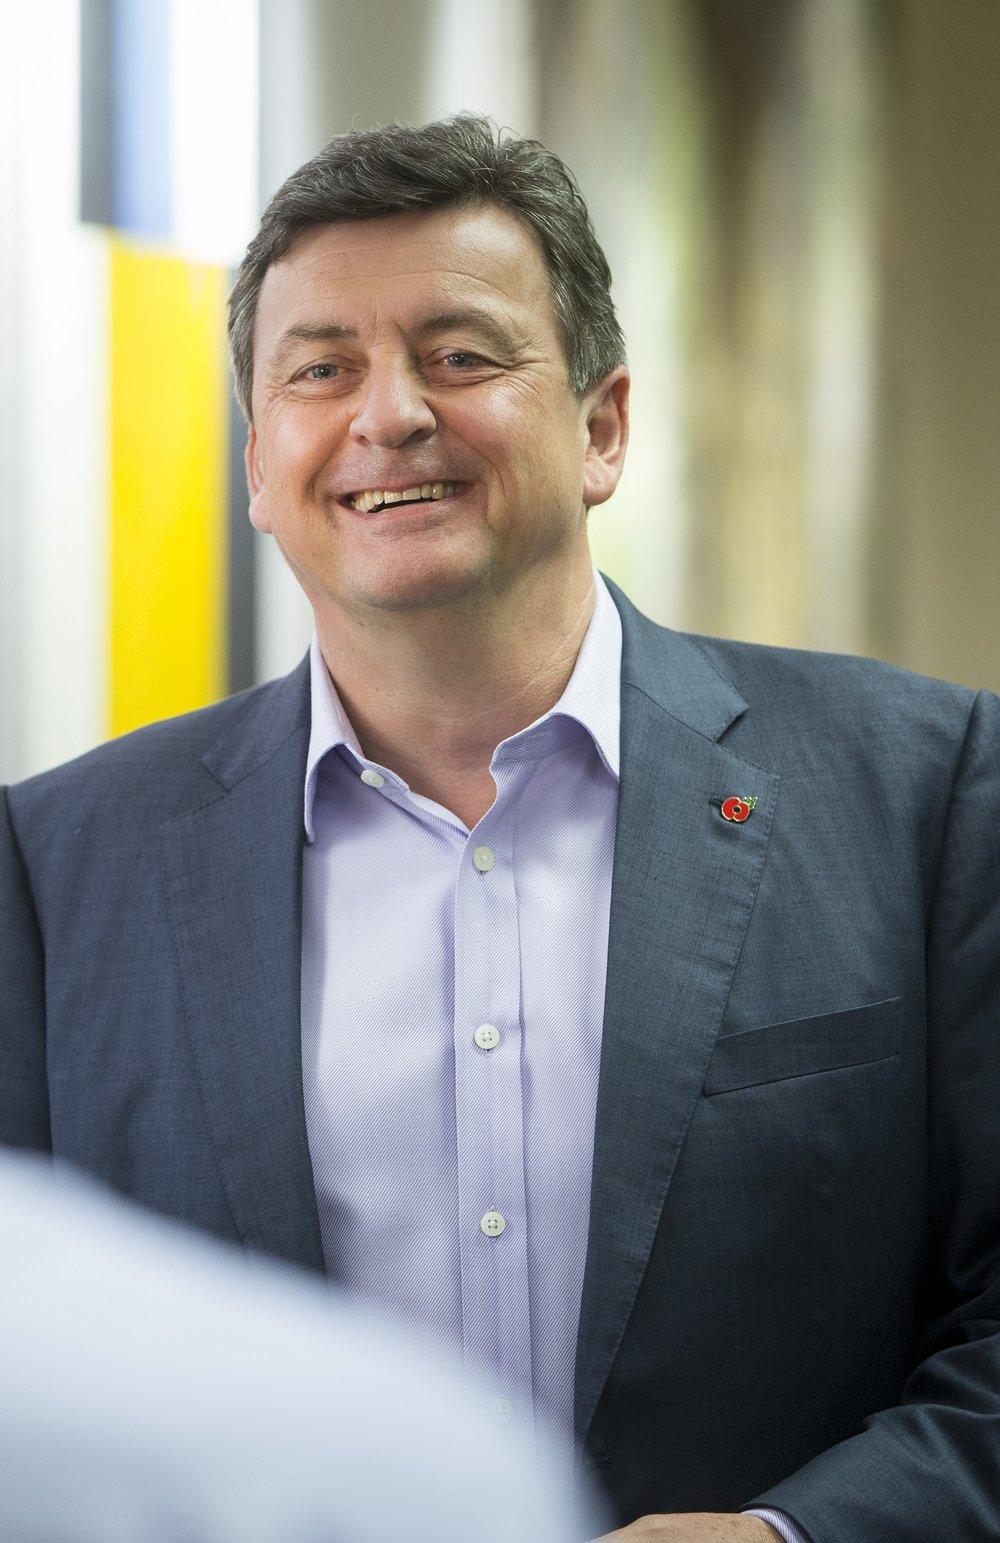 Andrew Barnes - Founder, Perpetual Guardian